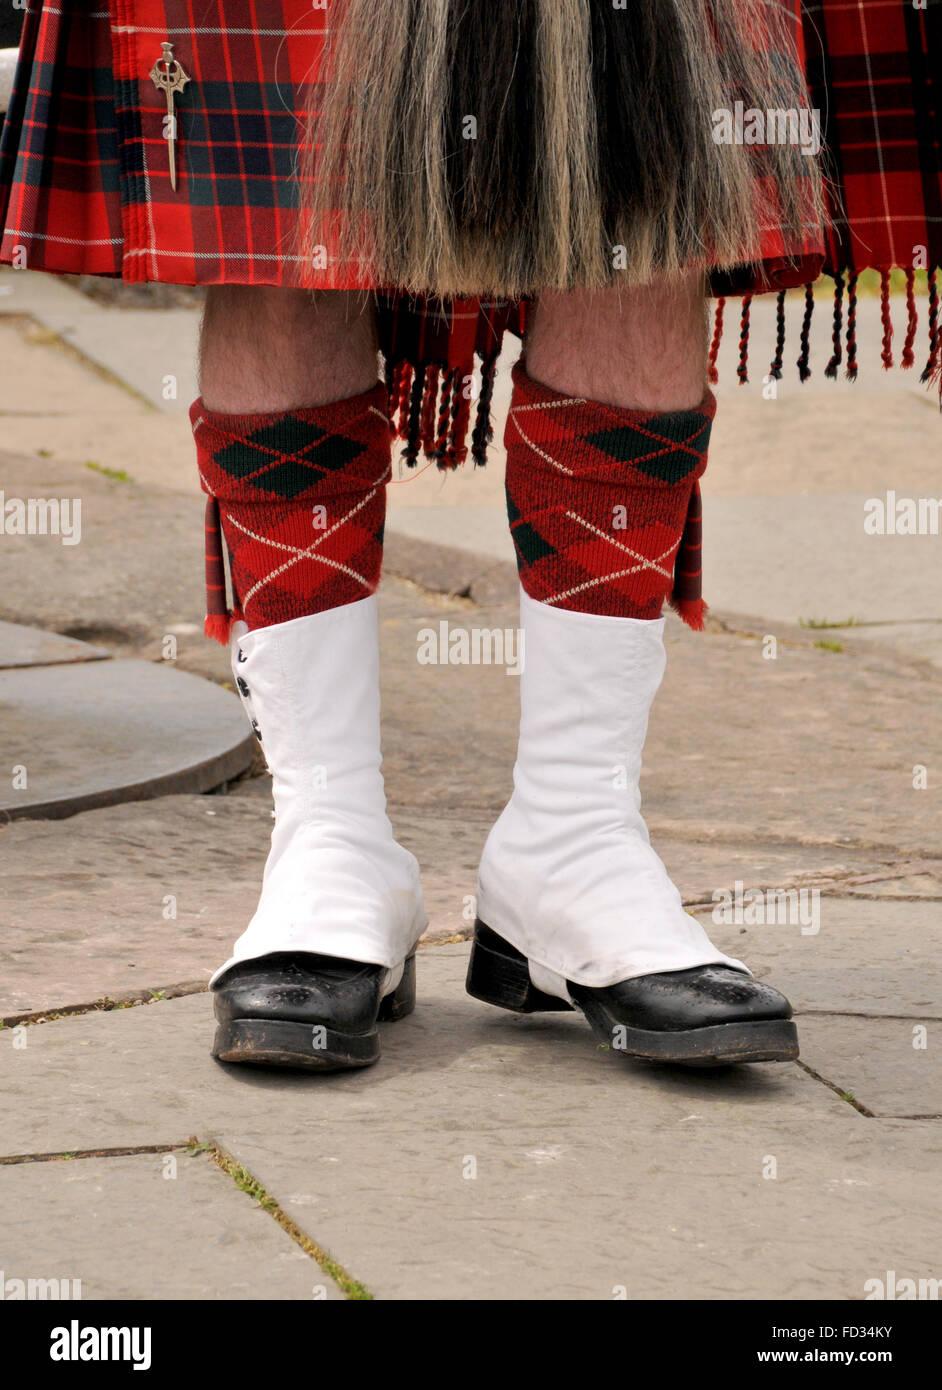 Beine und Schuhe von einem ständigen schottischen Mann gekleidet in einen roten aufgegebenes Tartan Kilt. Stockbild